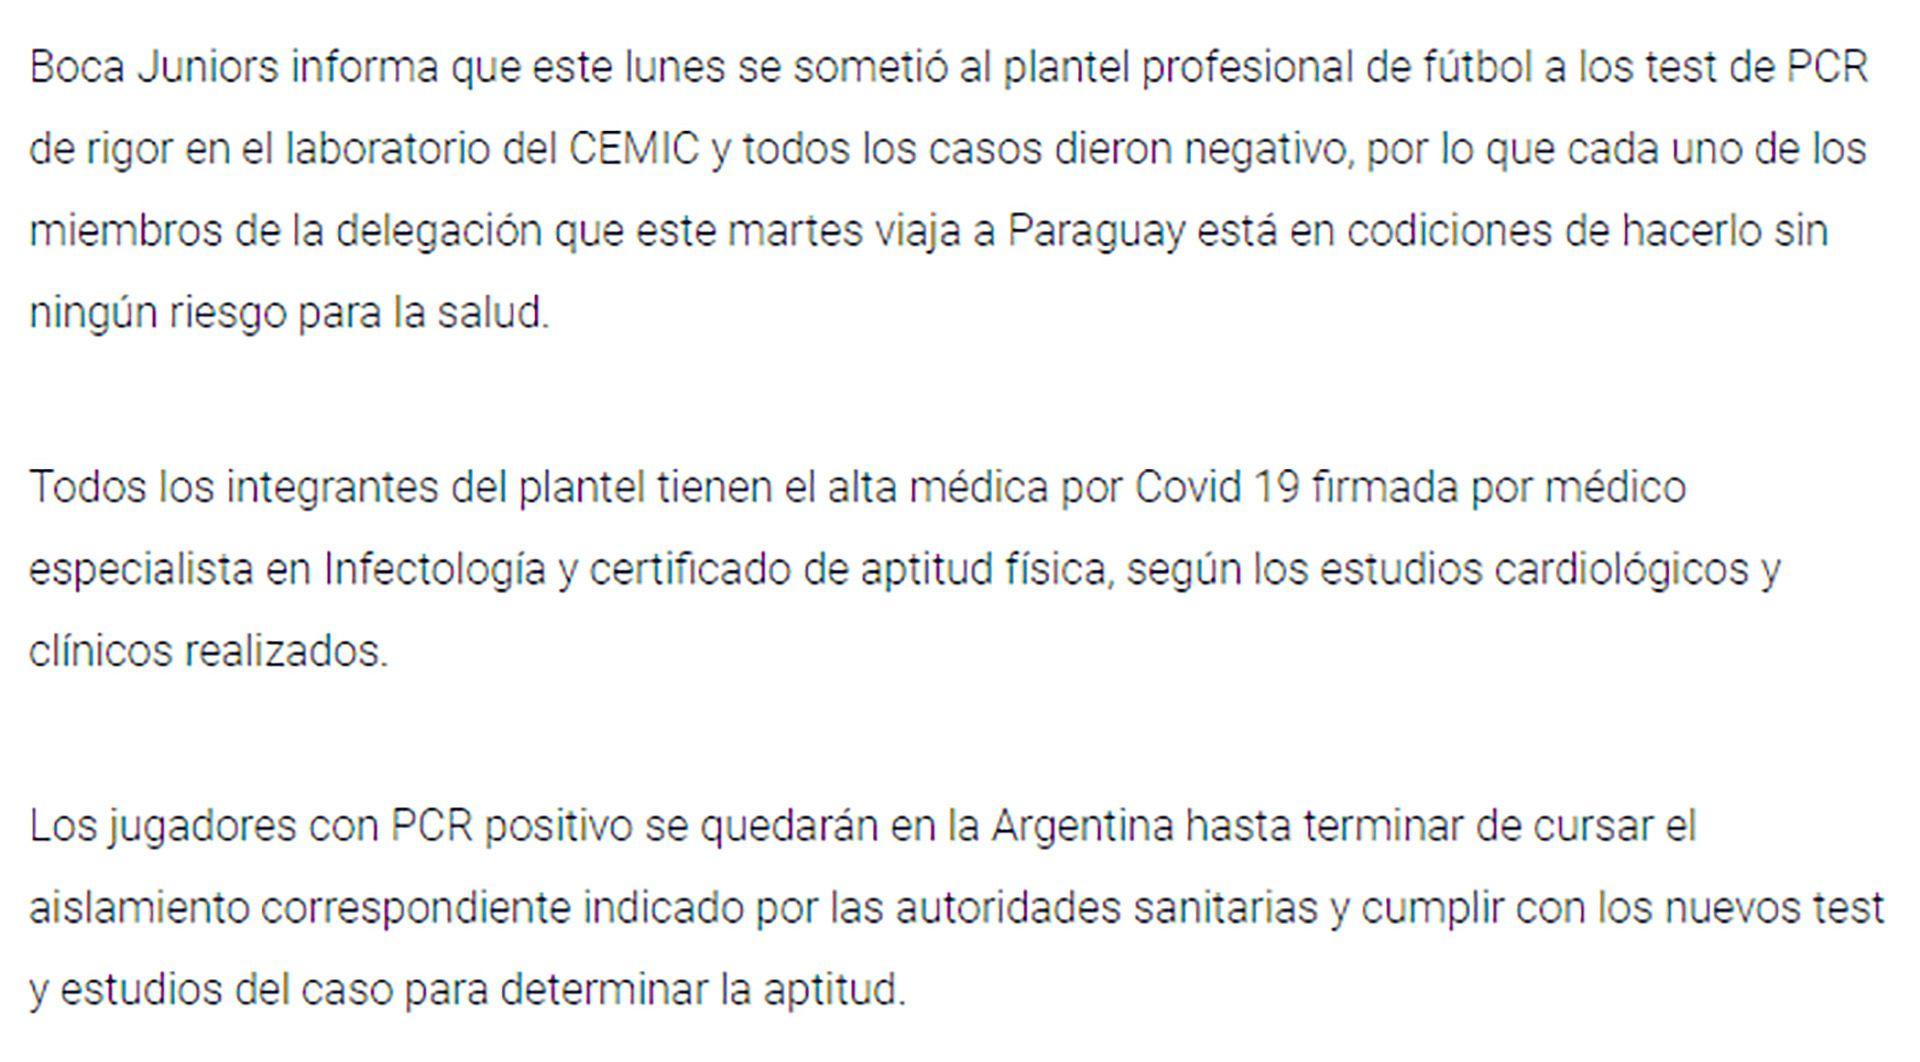 comunicado Boca Juniors por viaje a Paraguay